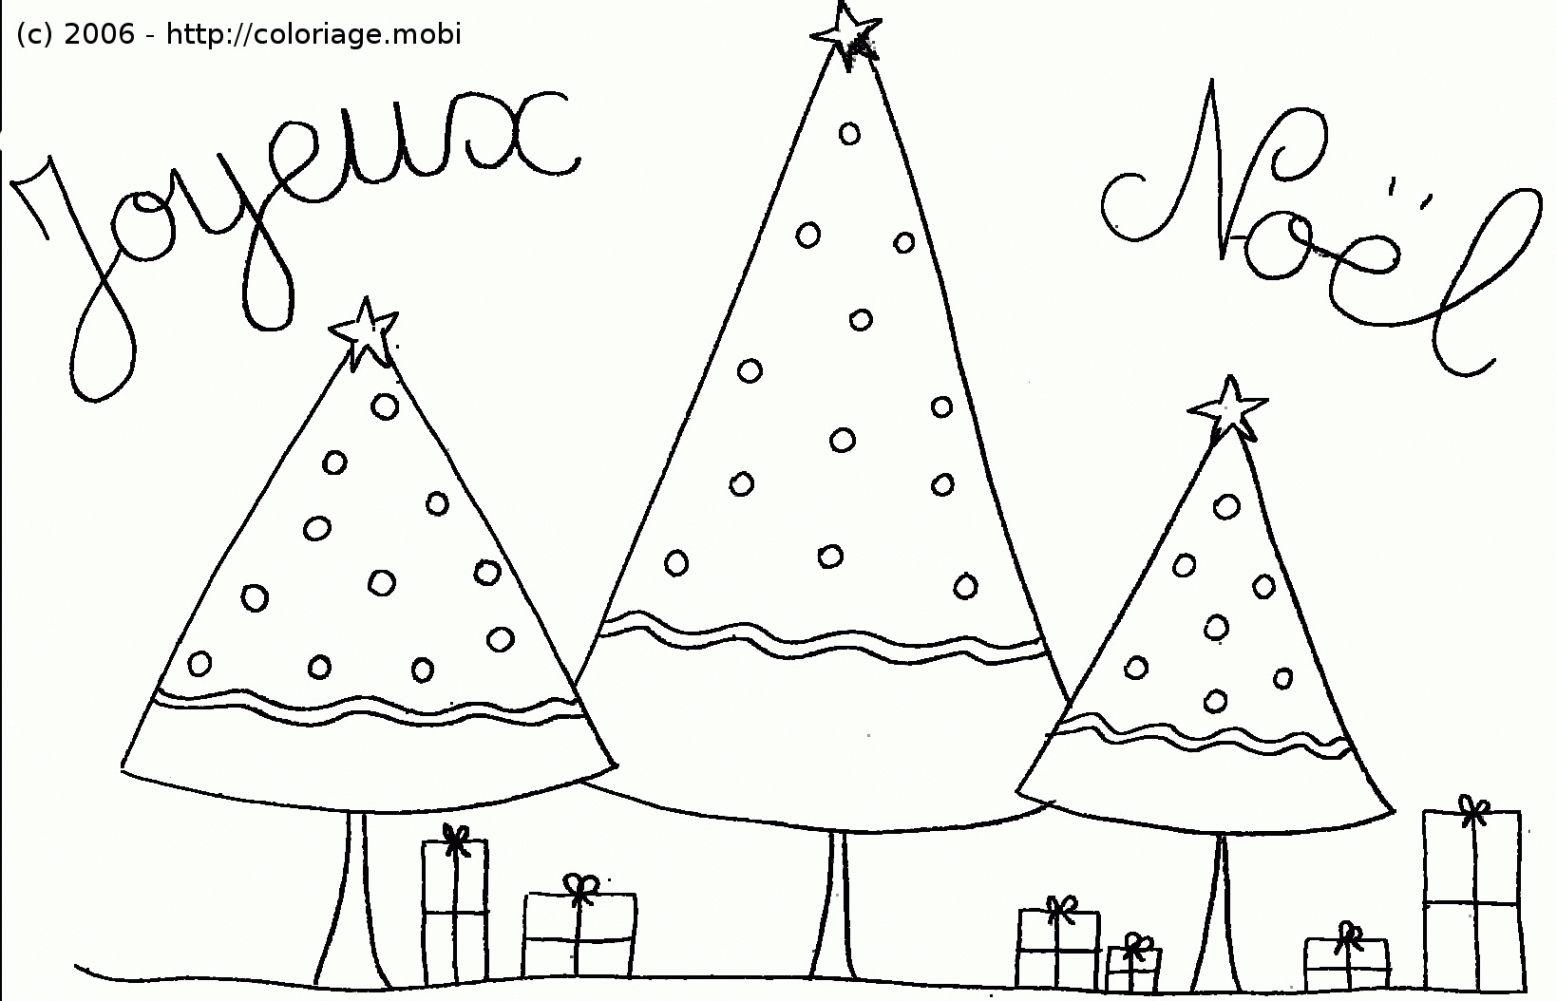 Coloriage De Noel A Imprimer Gratuit